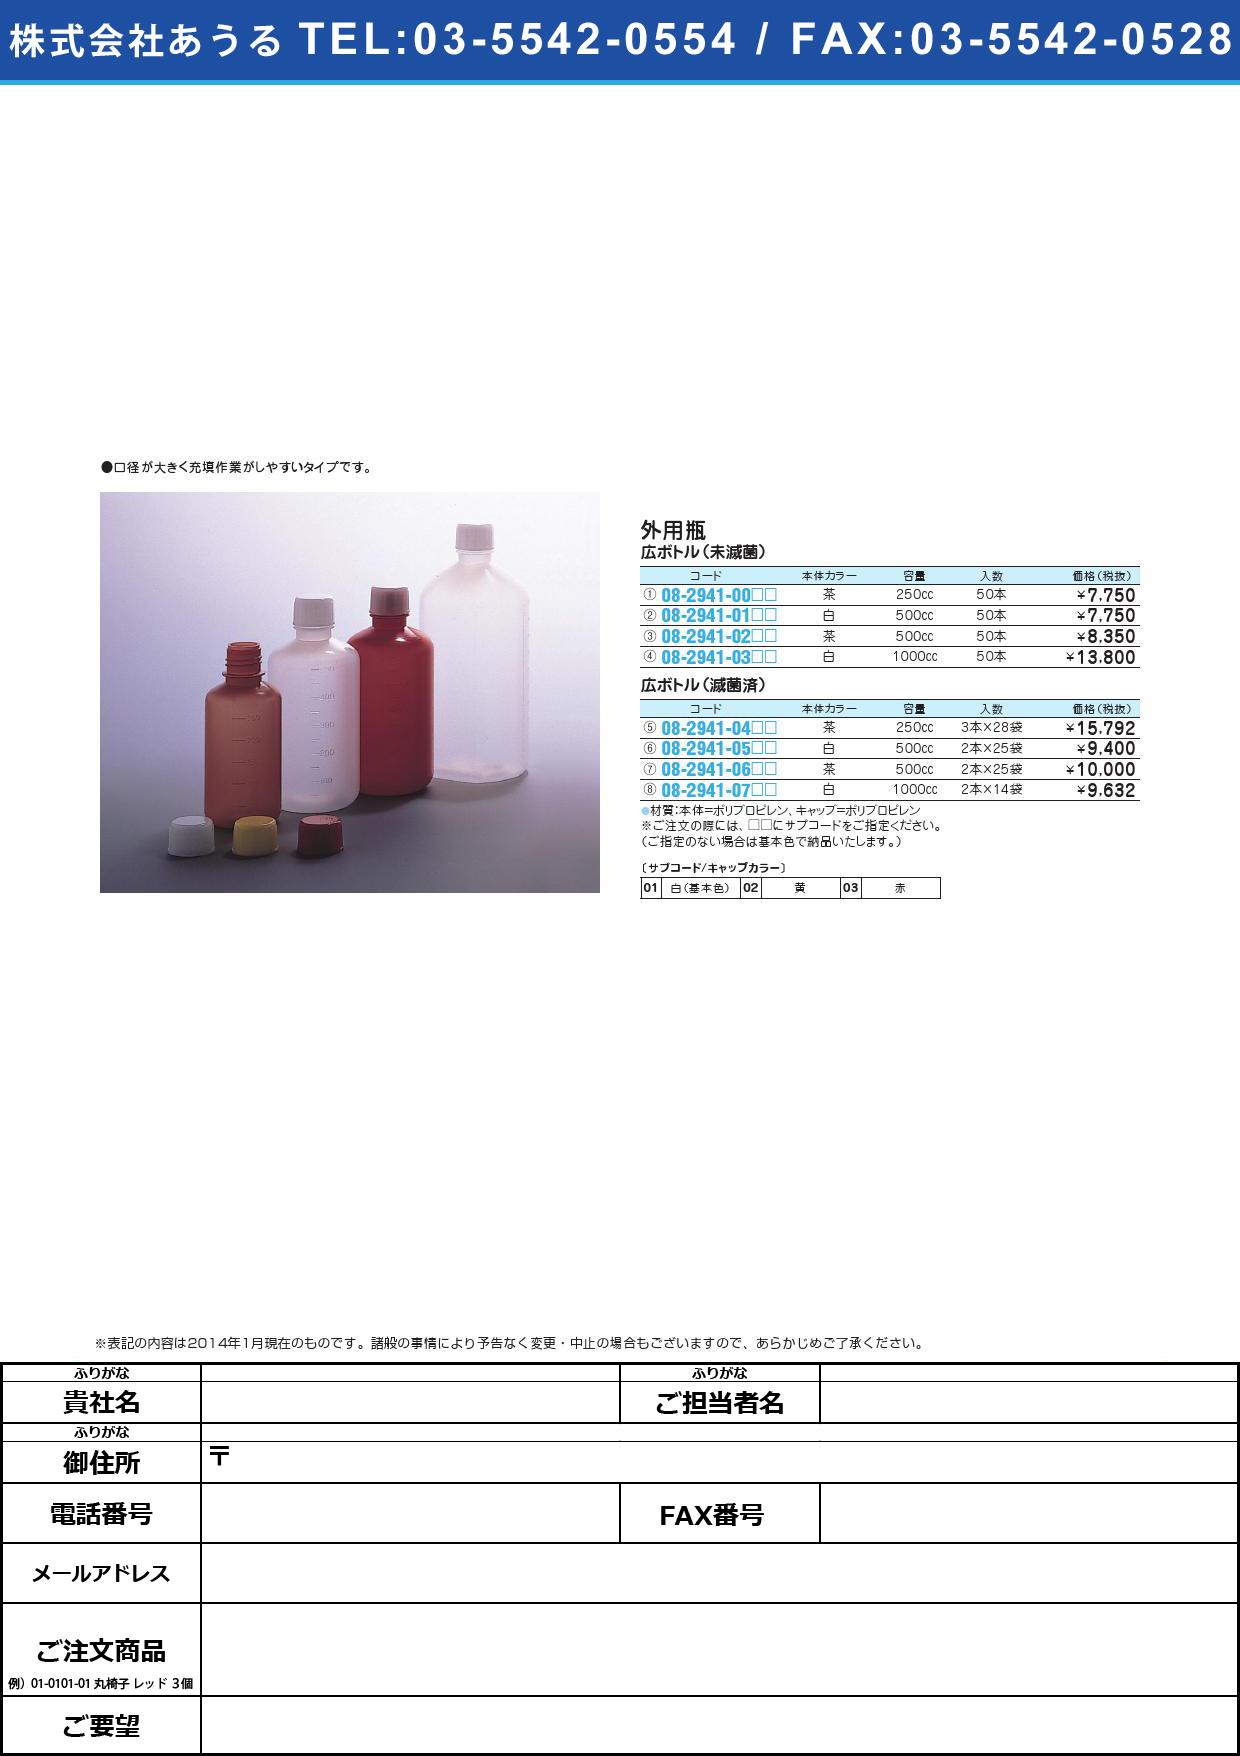 投薬瓶広ボトル茶(未滅菌) ヒロボトルチャ(ミメッキン) 250CC(50ポンイリ)【1梱単位】(08-2941-00)